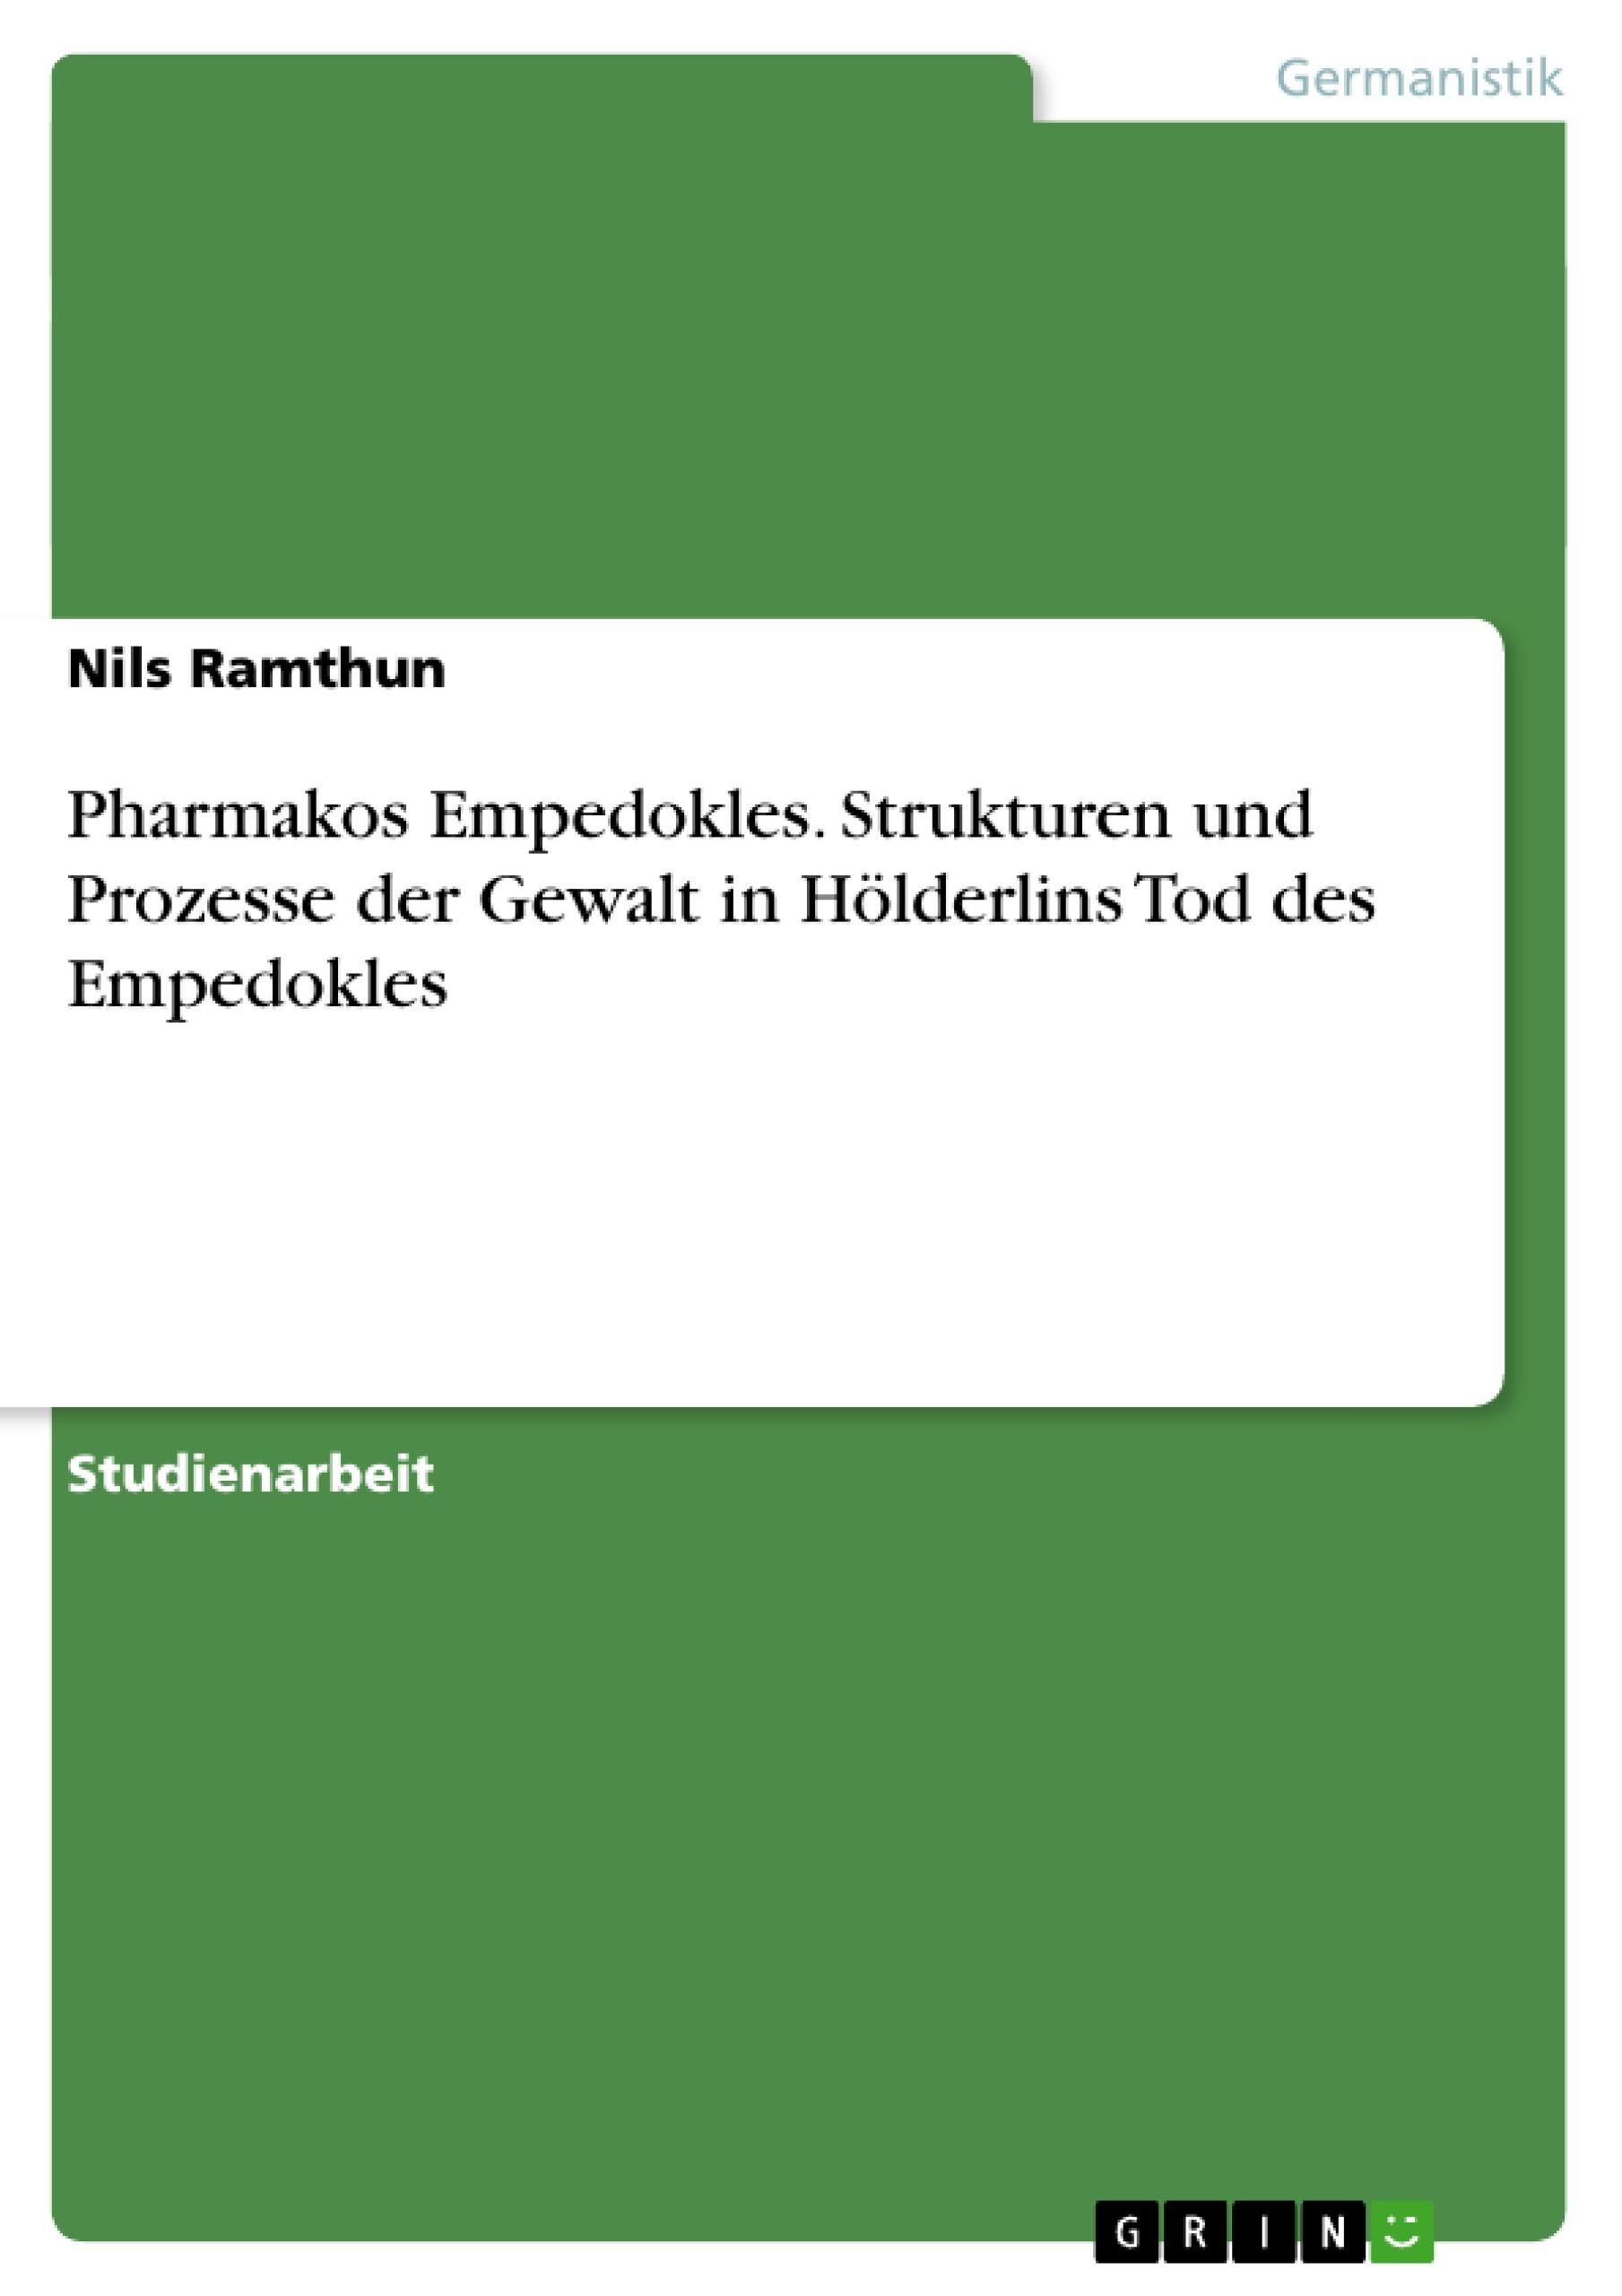 Titel: Pharmakos Empedokles. Strukturen und Prozesse der Gewalt in Hölderlins Tod des Empedokles